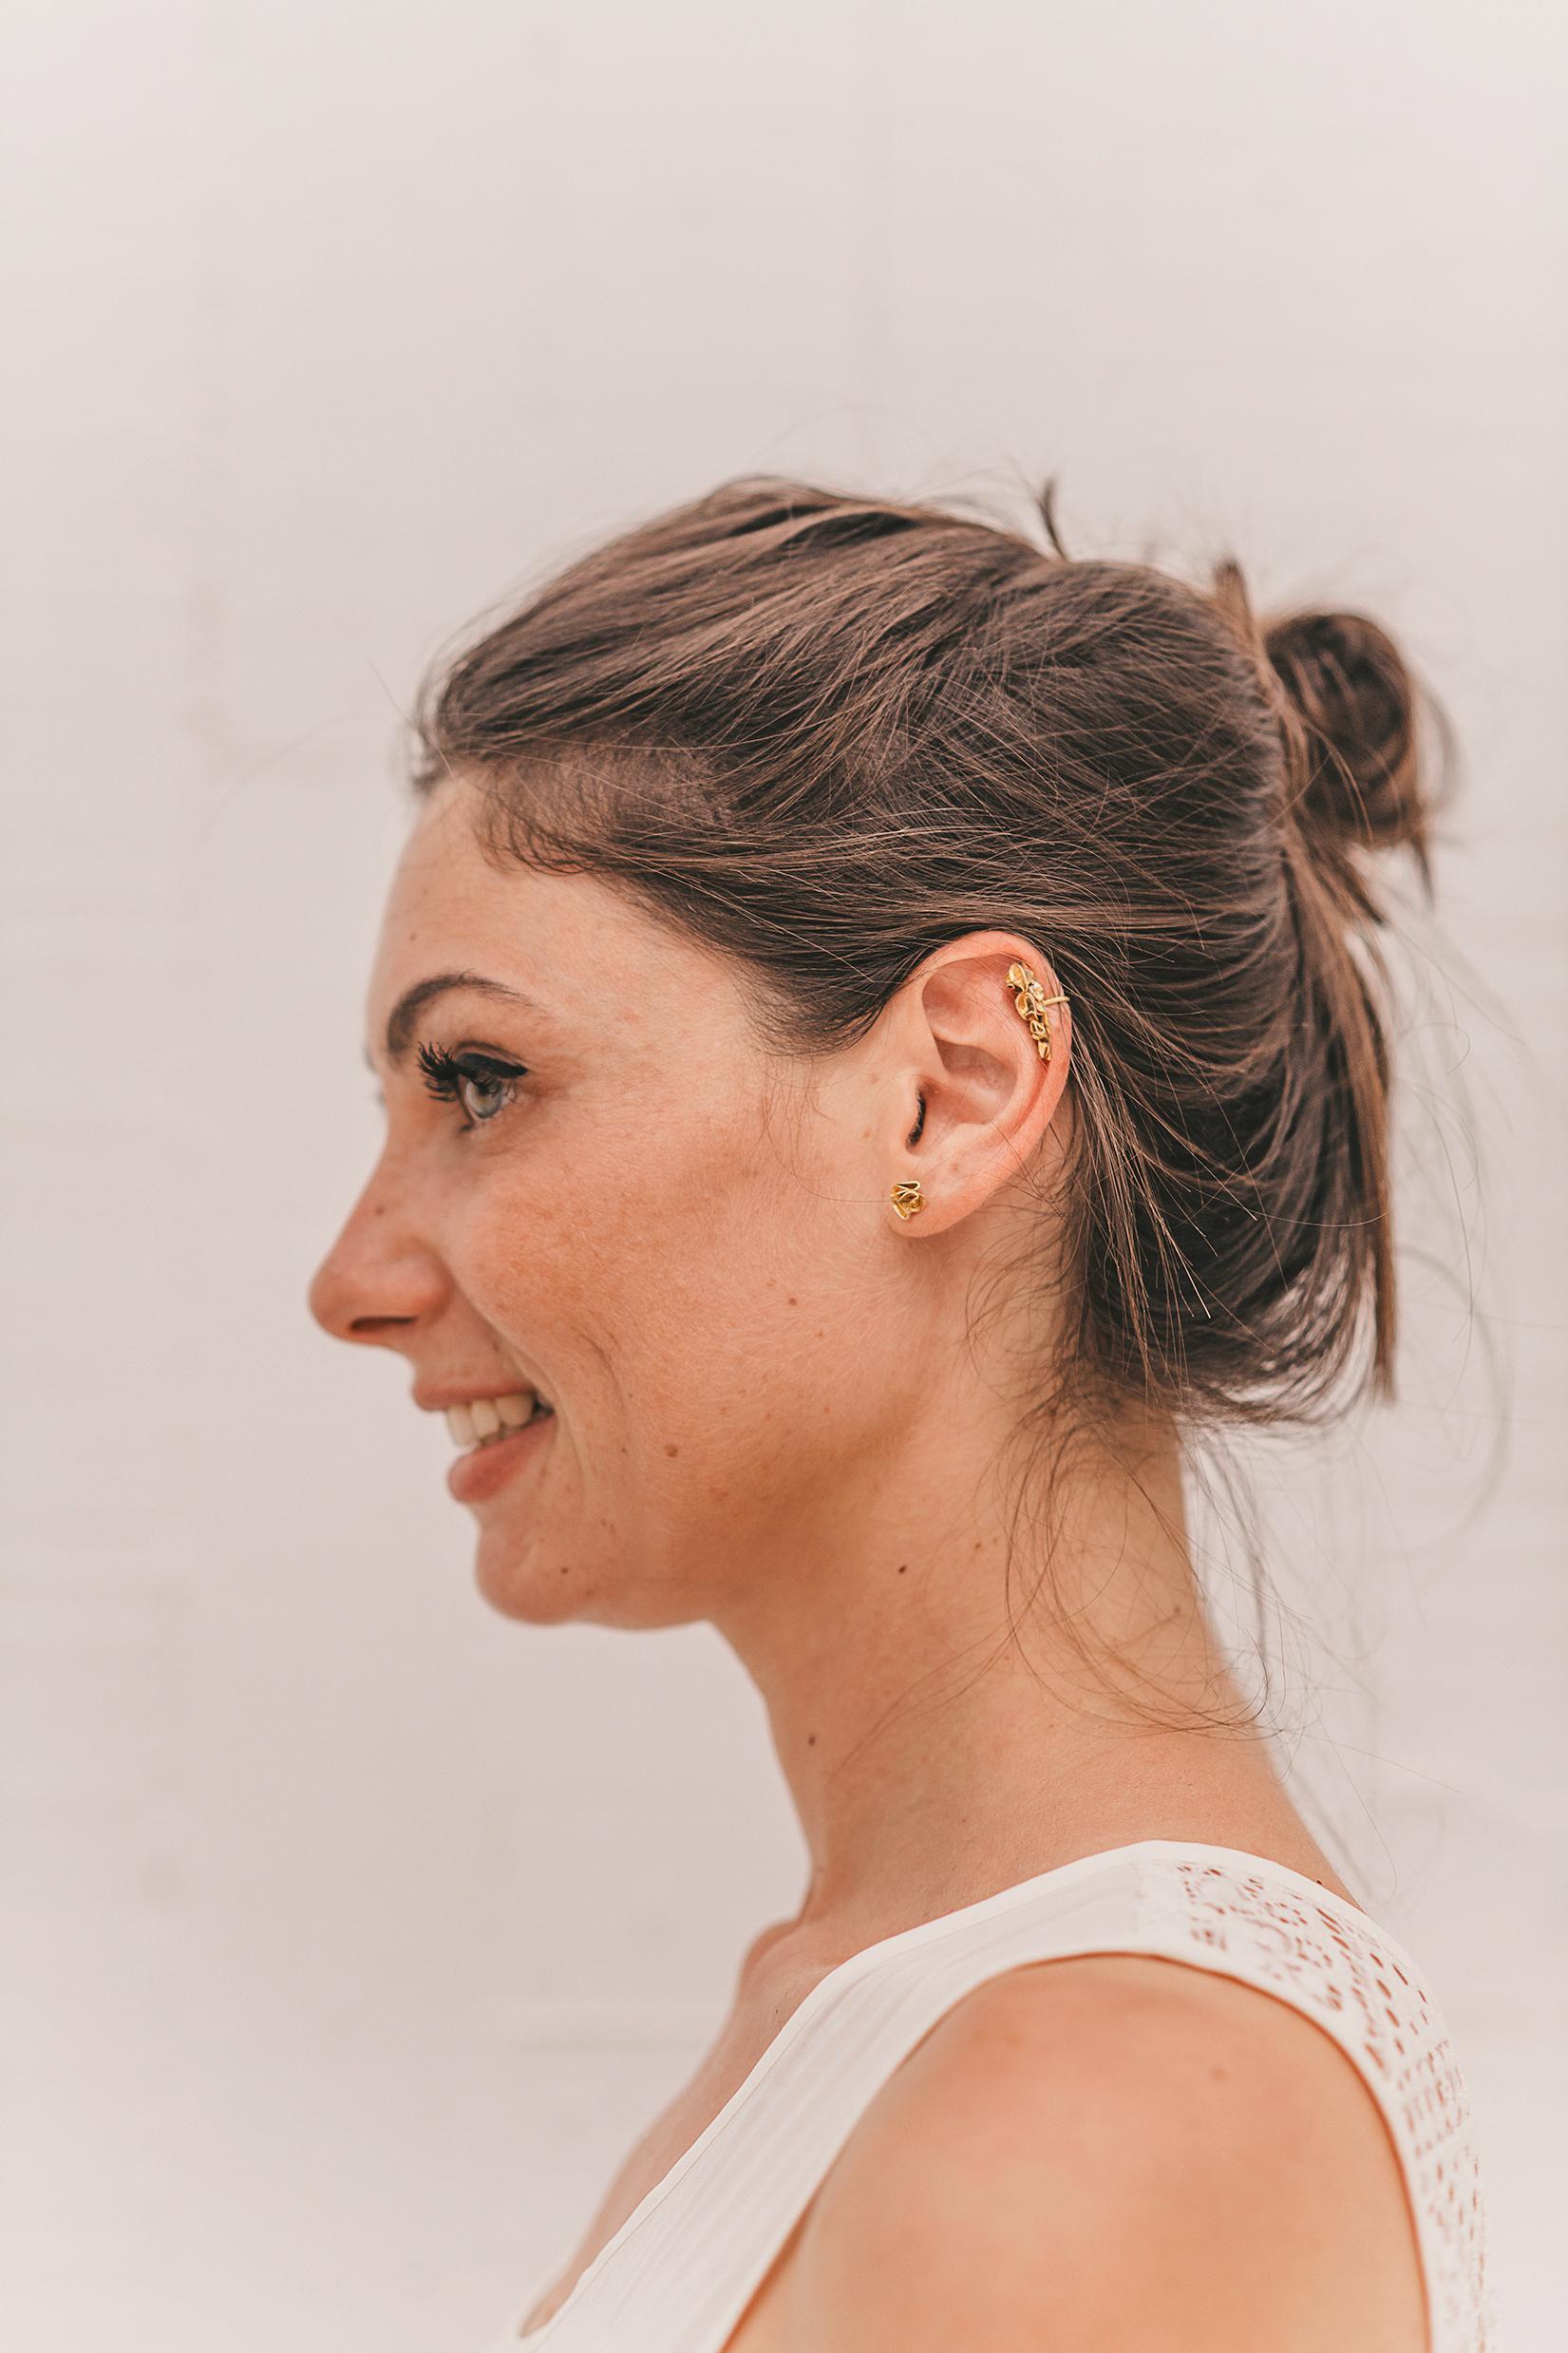 puces d'oreilles corolles Pursette